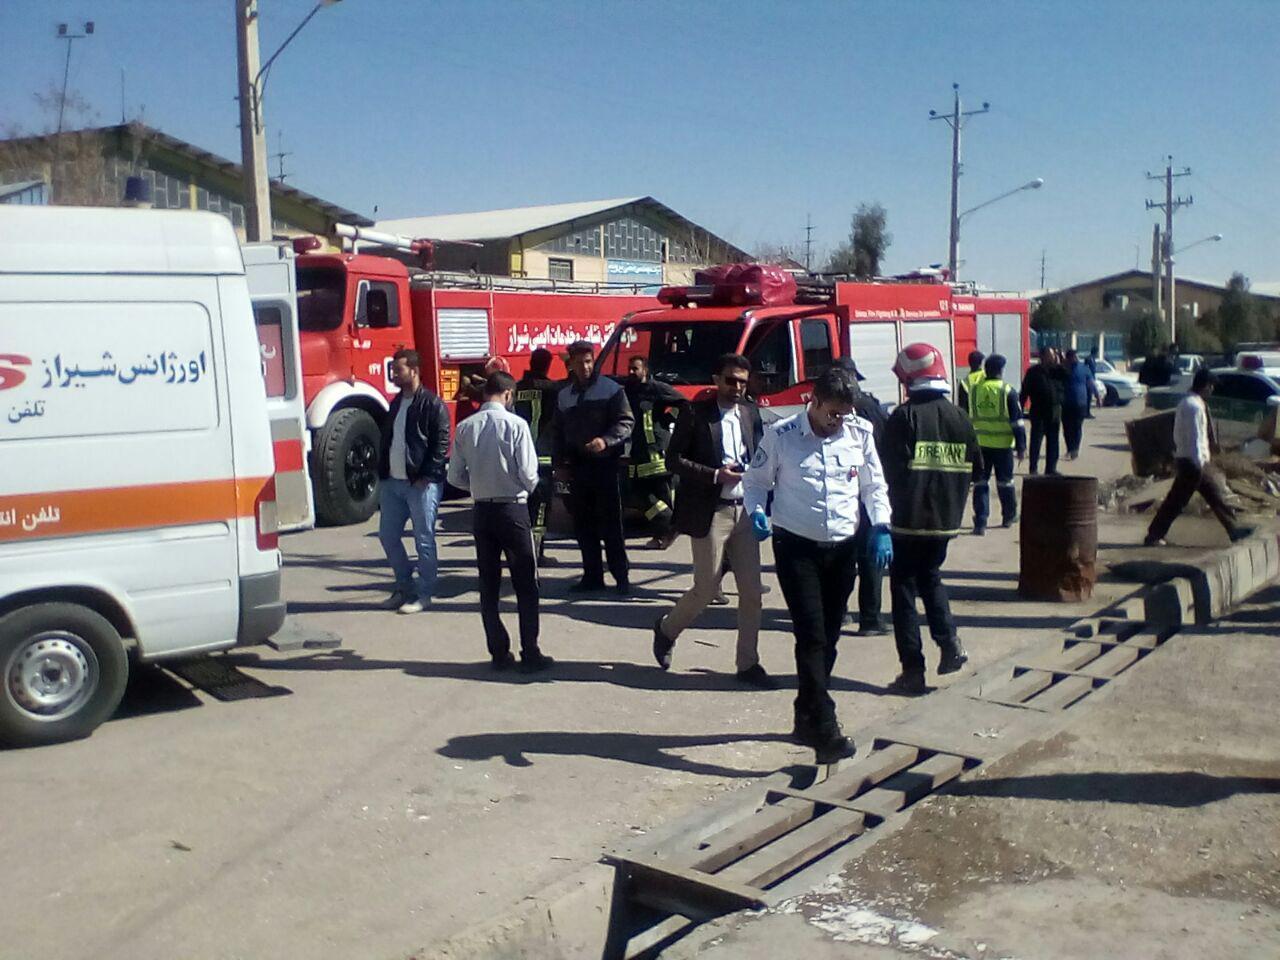 دو کشته و دو مصدم بر اثر انفجار دیگ بخار در شهرک صنعتی شیراز